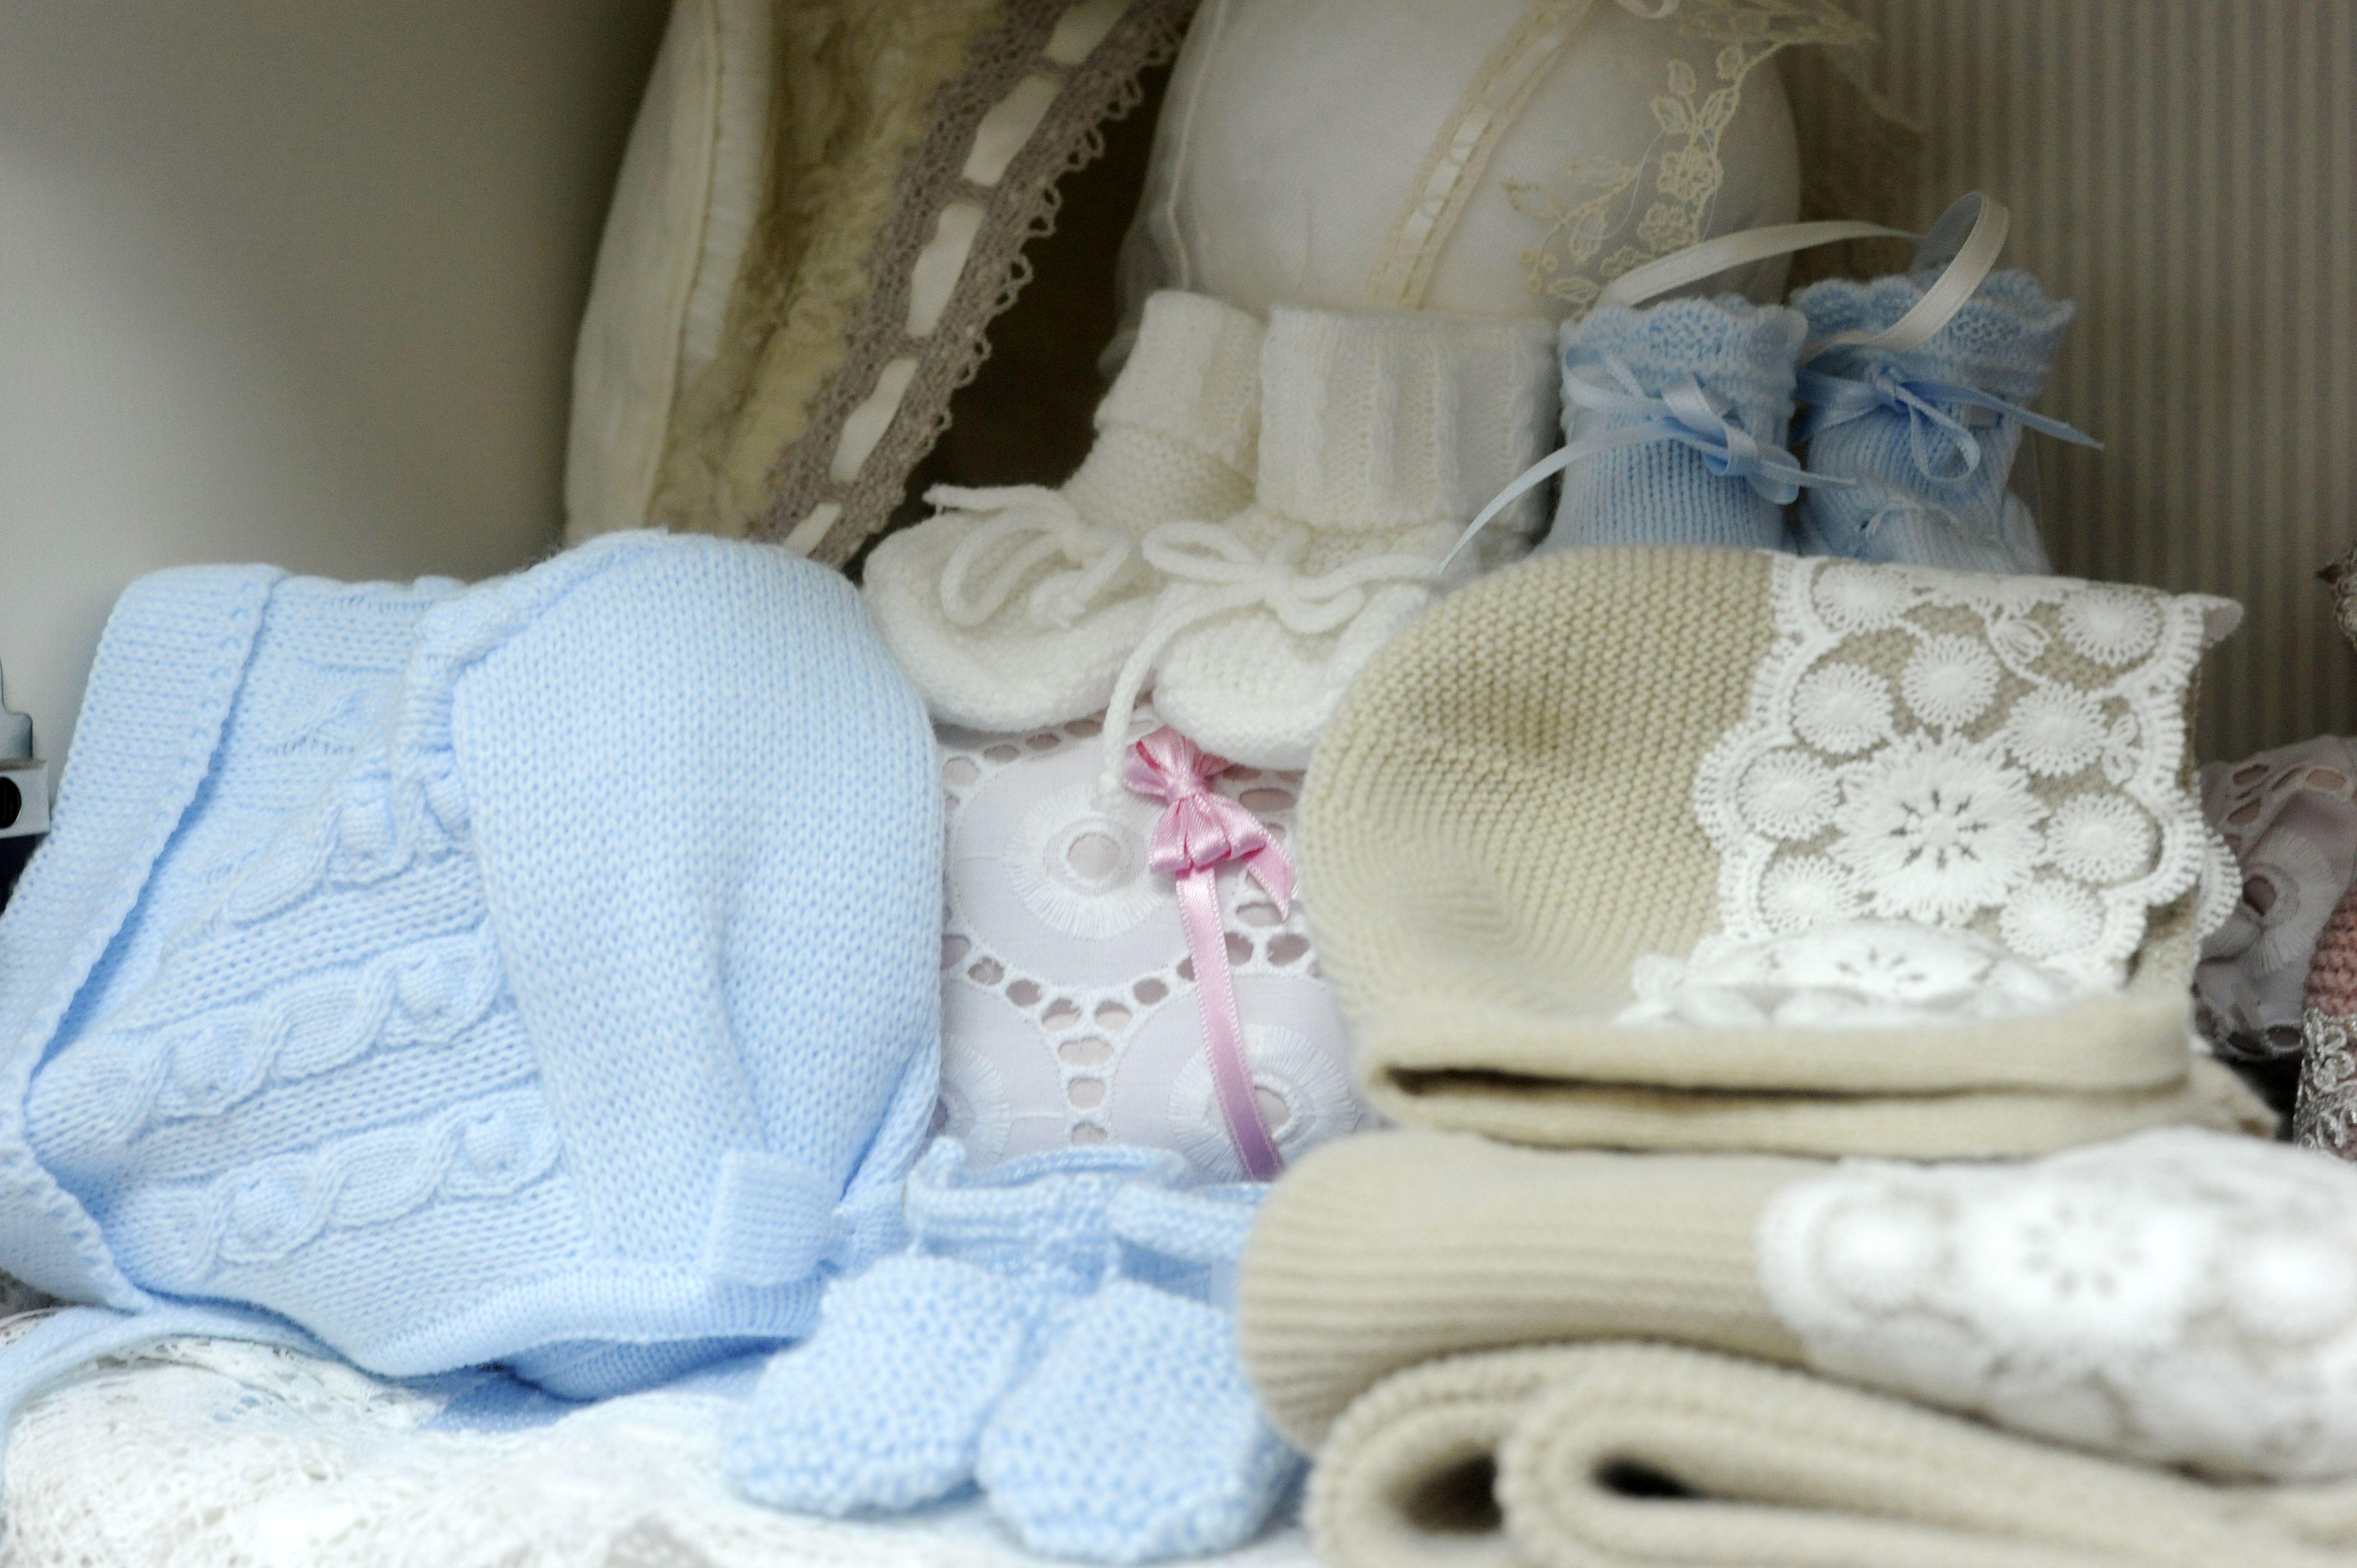 Venta de ropa infantil para bebés en Sevilla